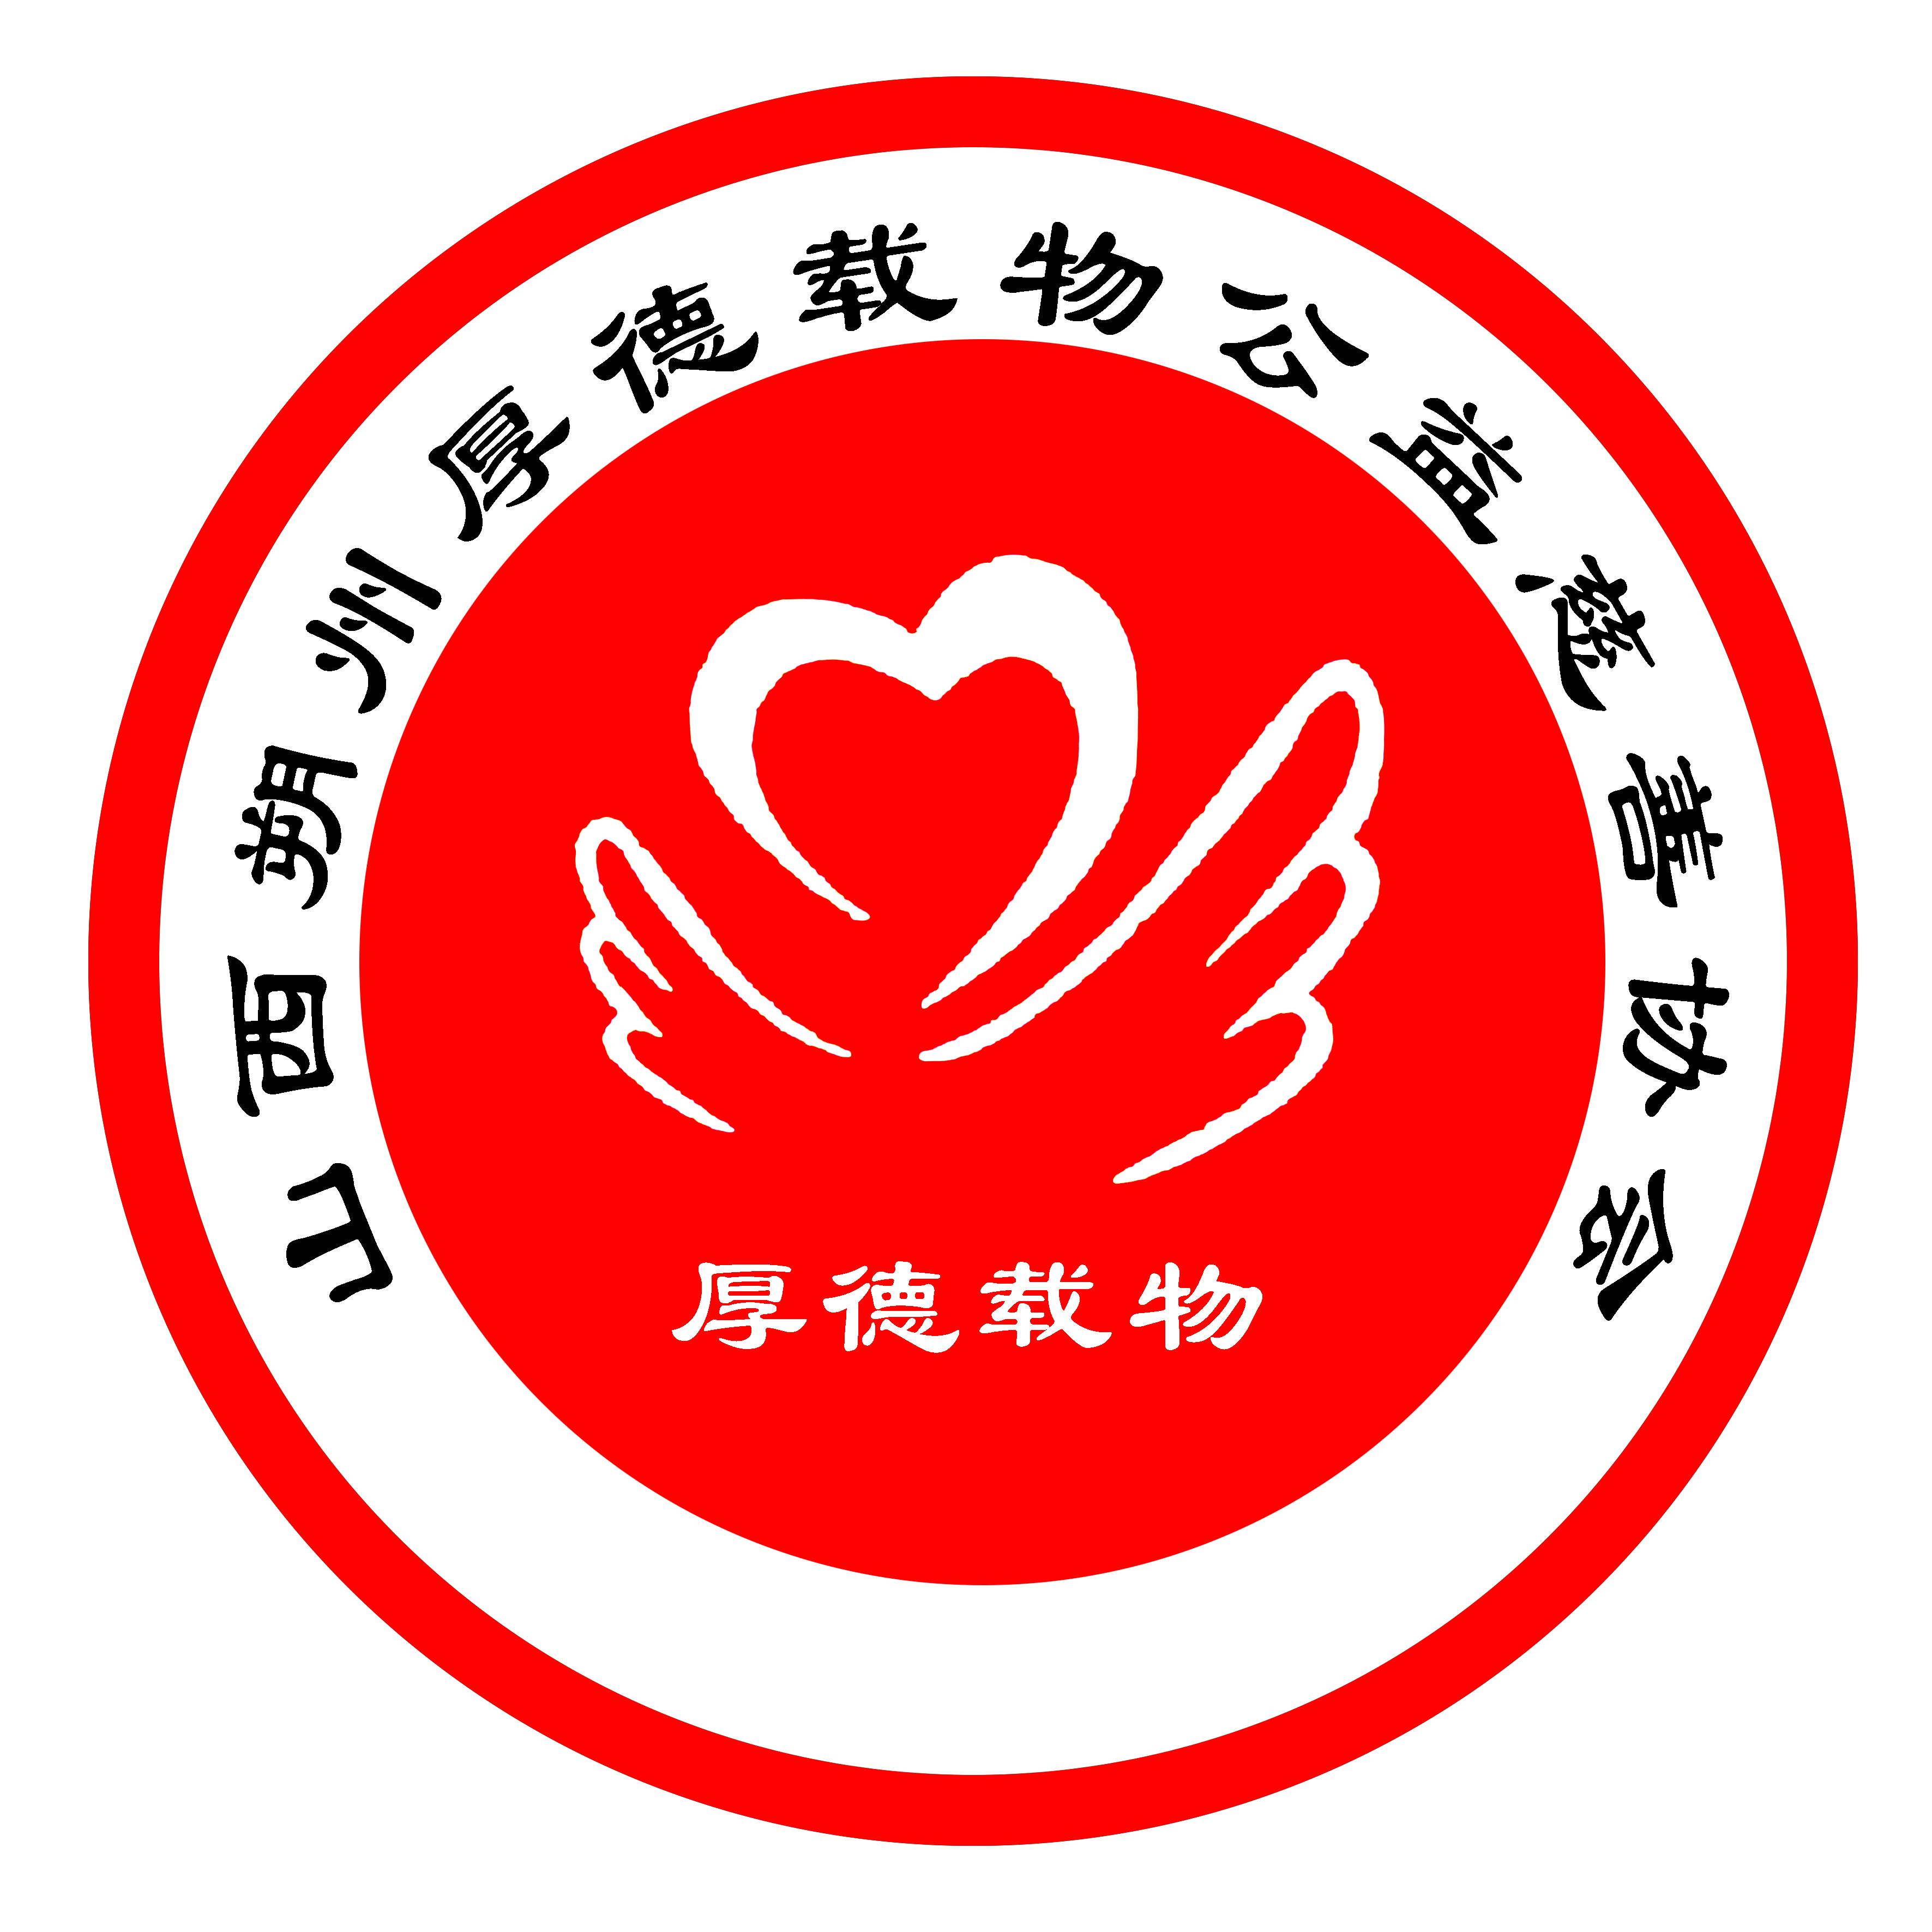 青岛市慈善总会会徽